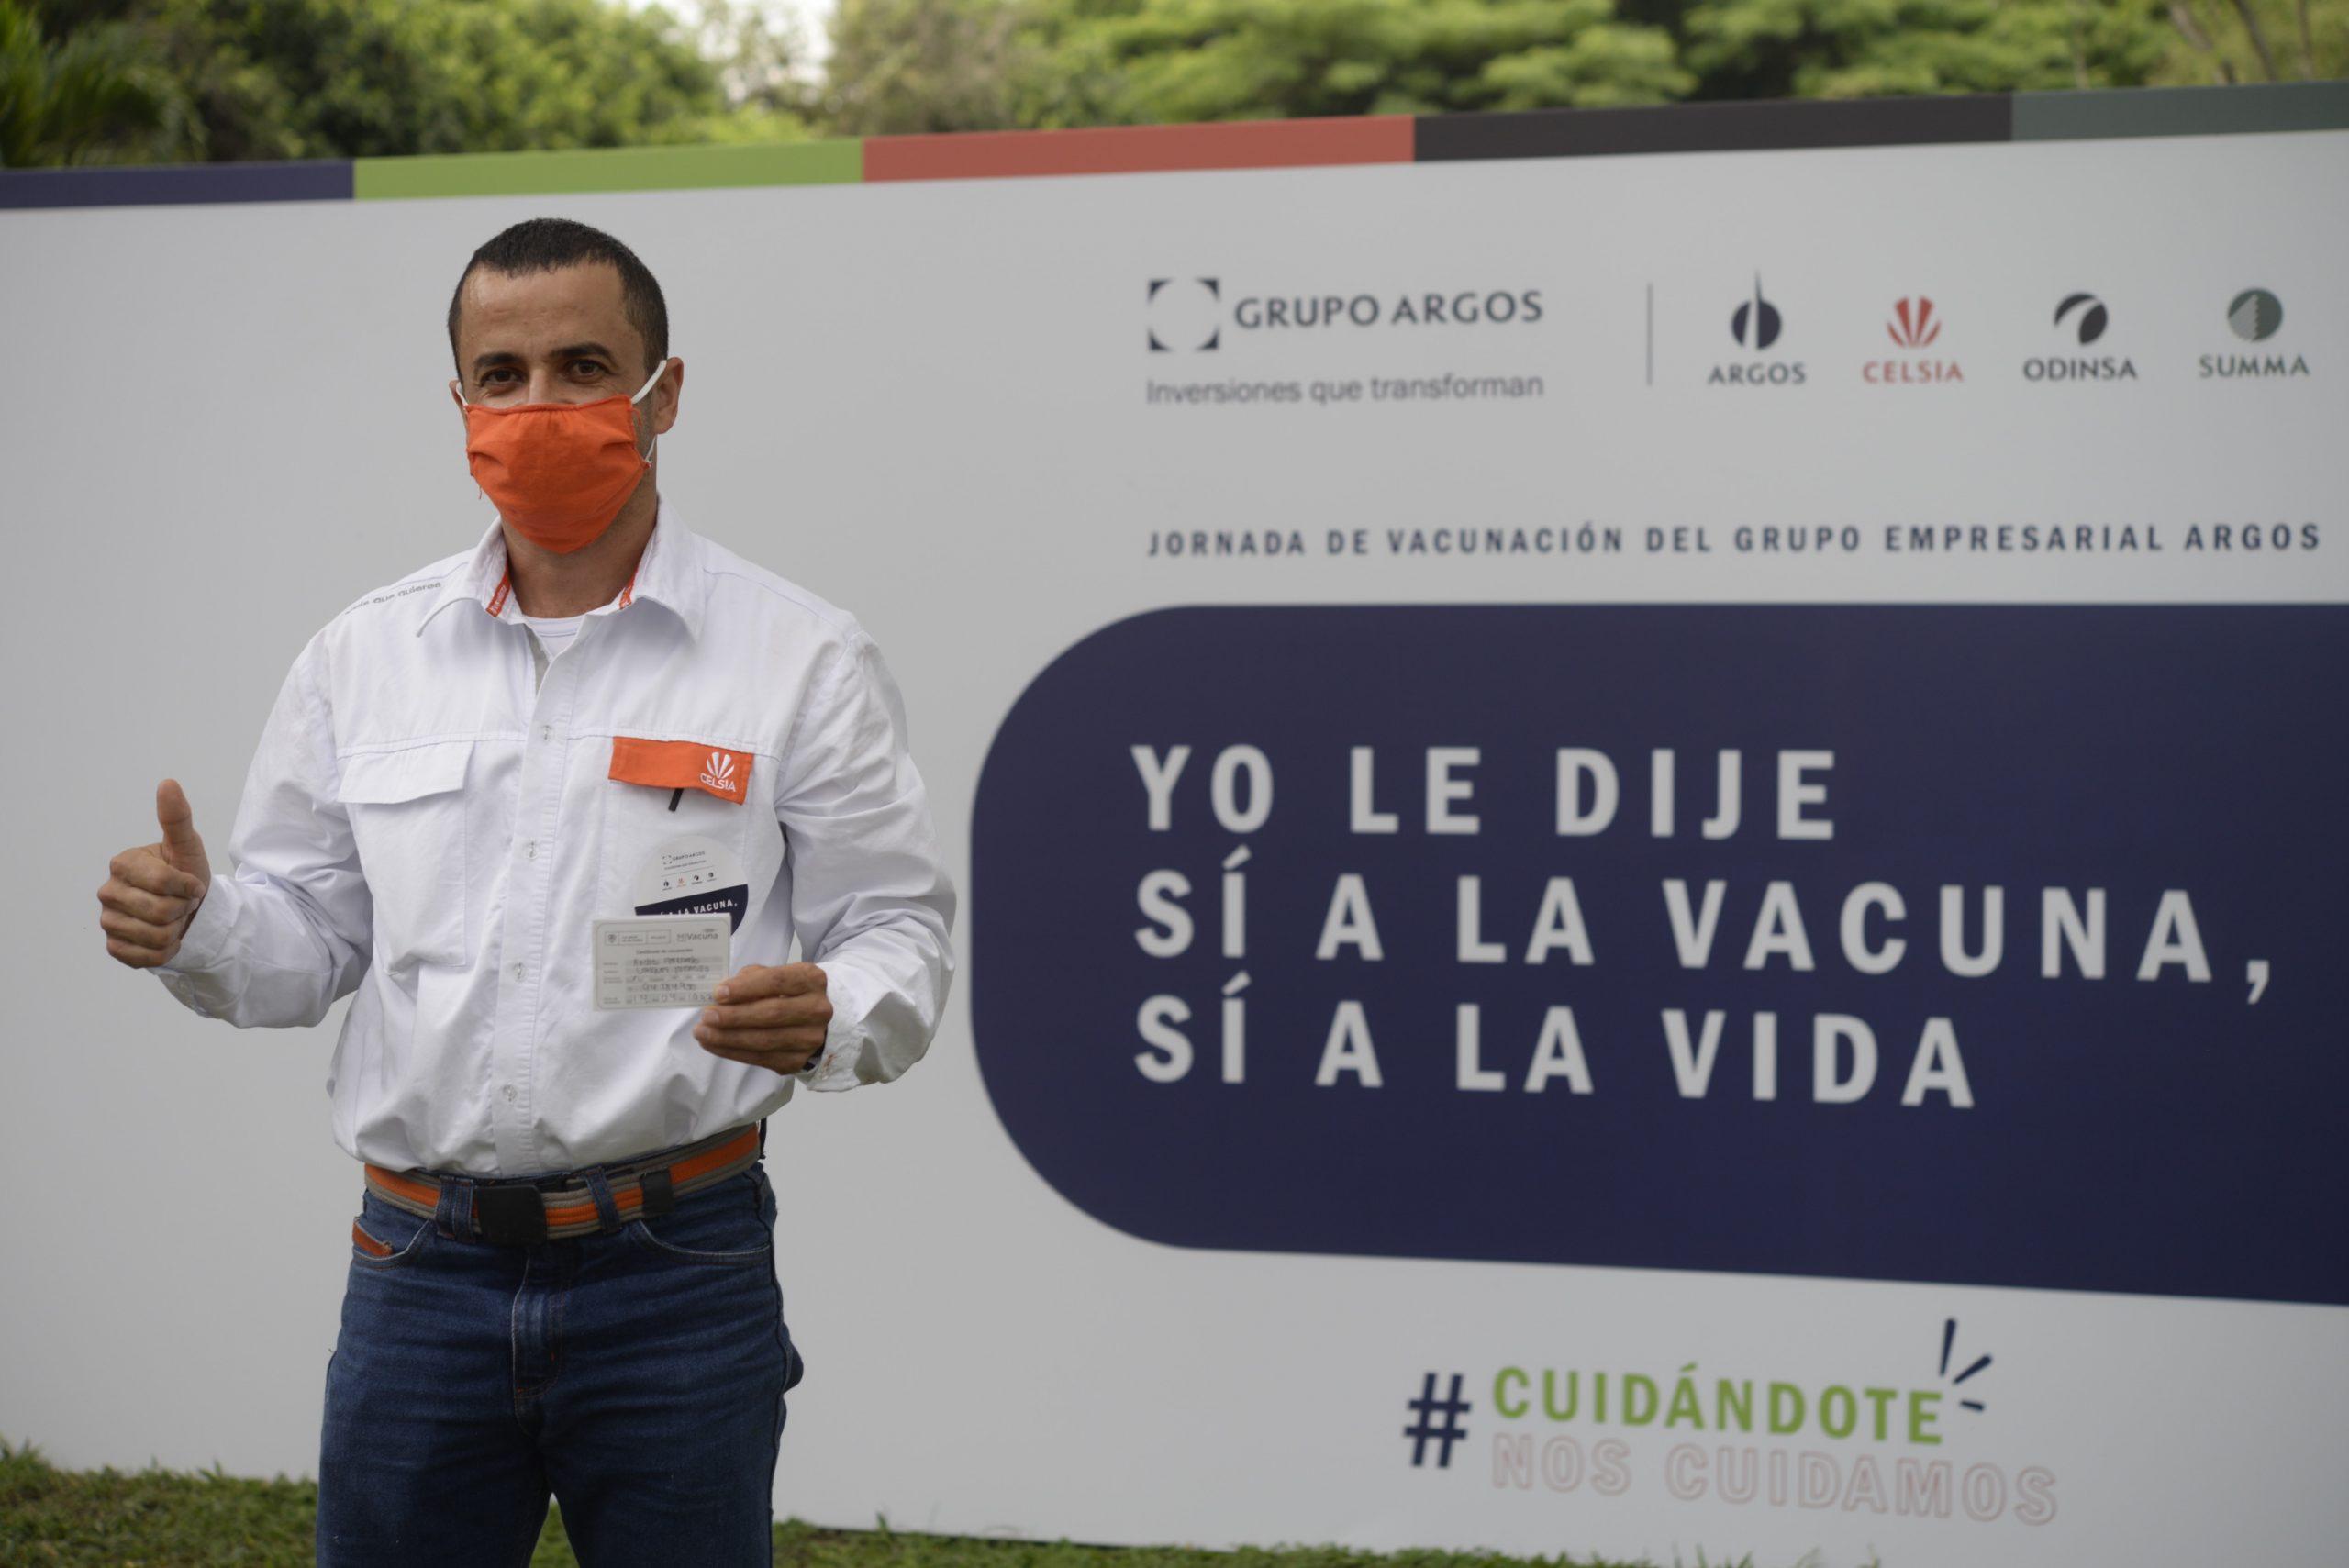 Celsia inicia vacunación de sus colaboradores en el Tolima, gracias al esfuerzo con Grupo Argos, la Andi y el Gobierno Nacional